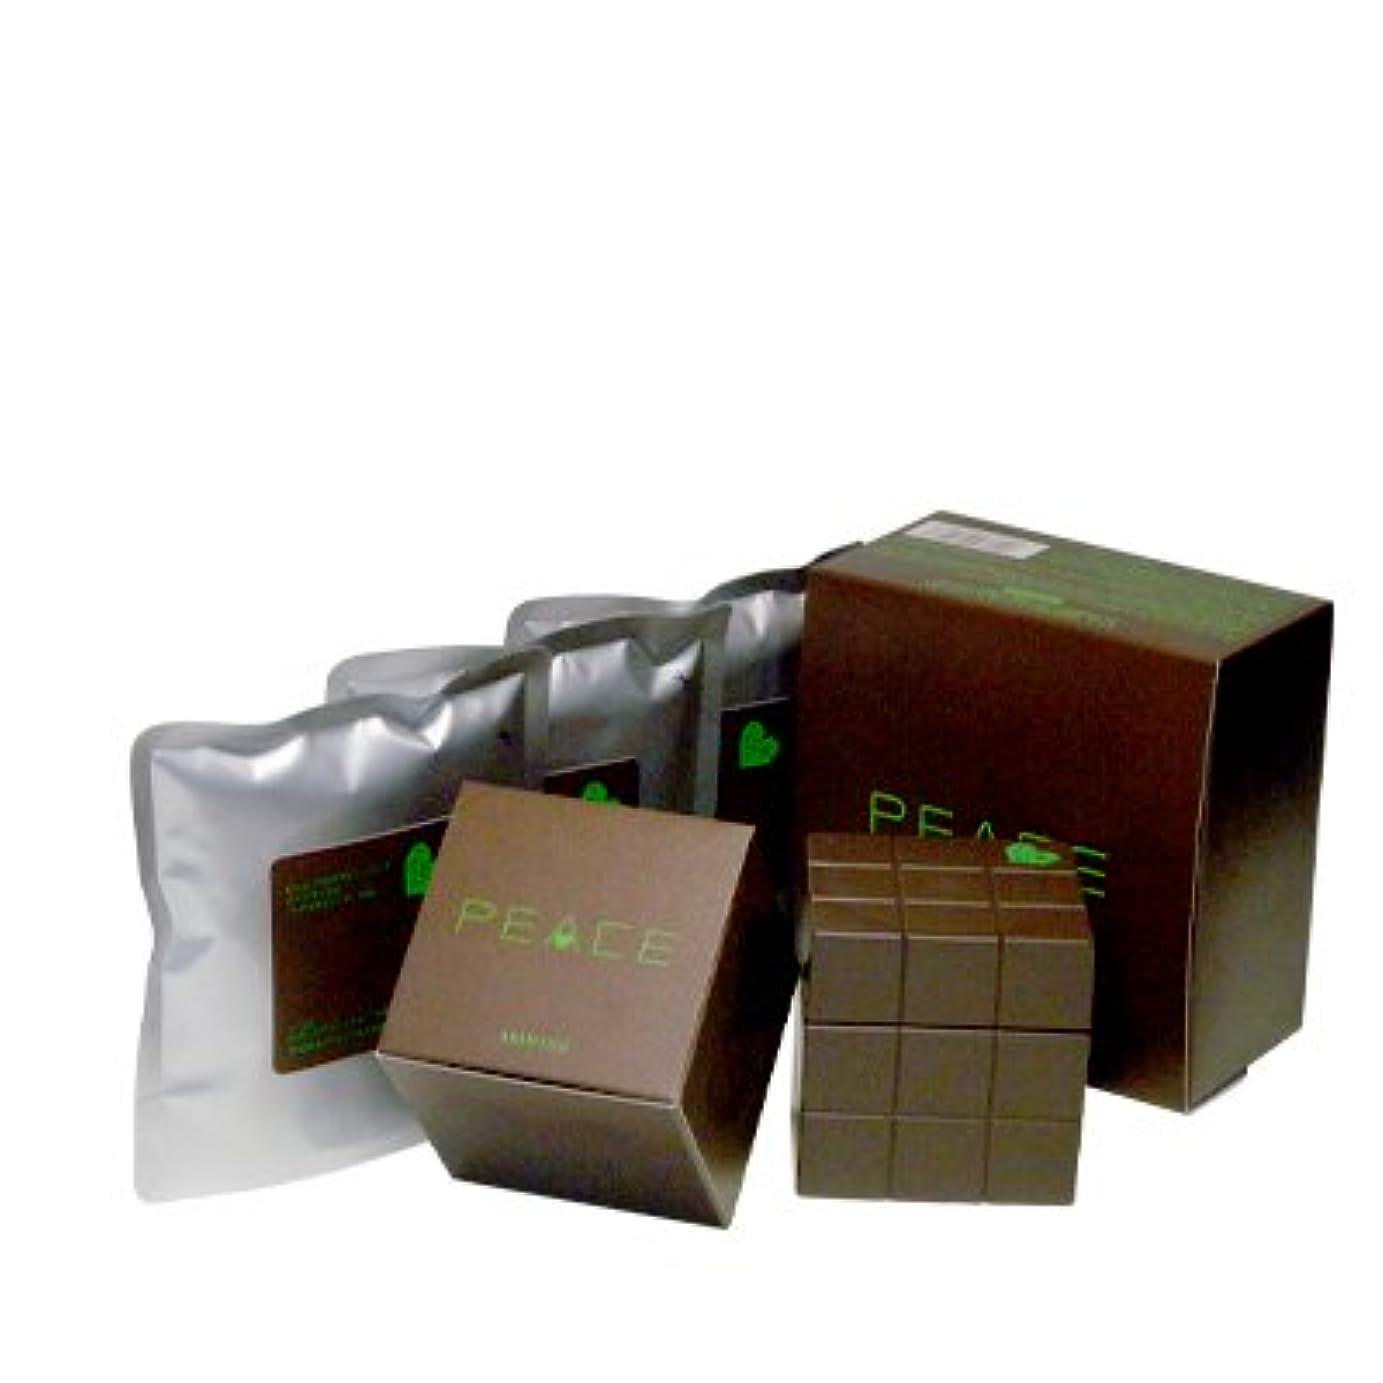 観察するキャンプ影響力のあるアリミノ ピース プロデザインシリーズ ハードワックス チョコ80g+詰め替え80g×3